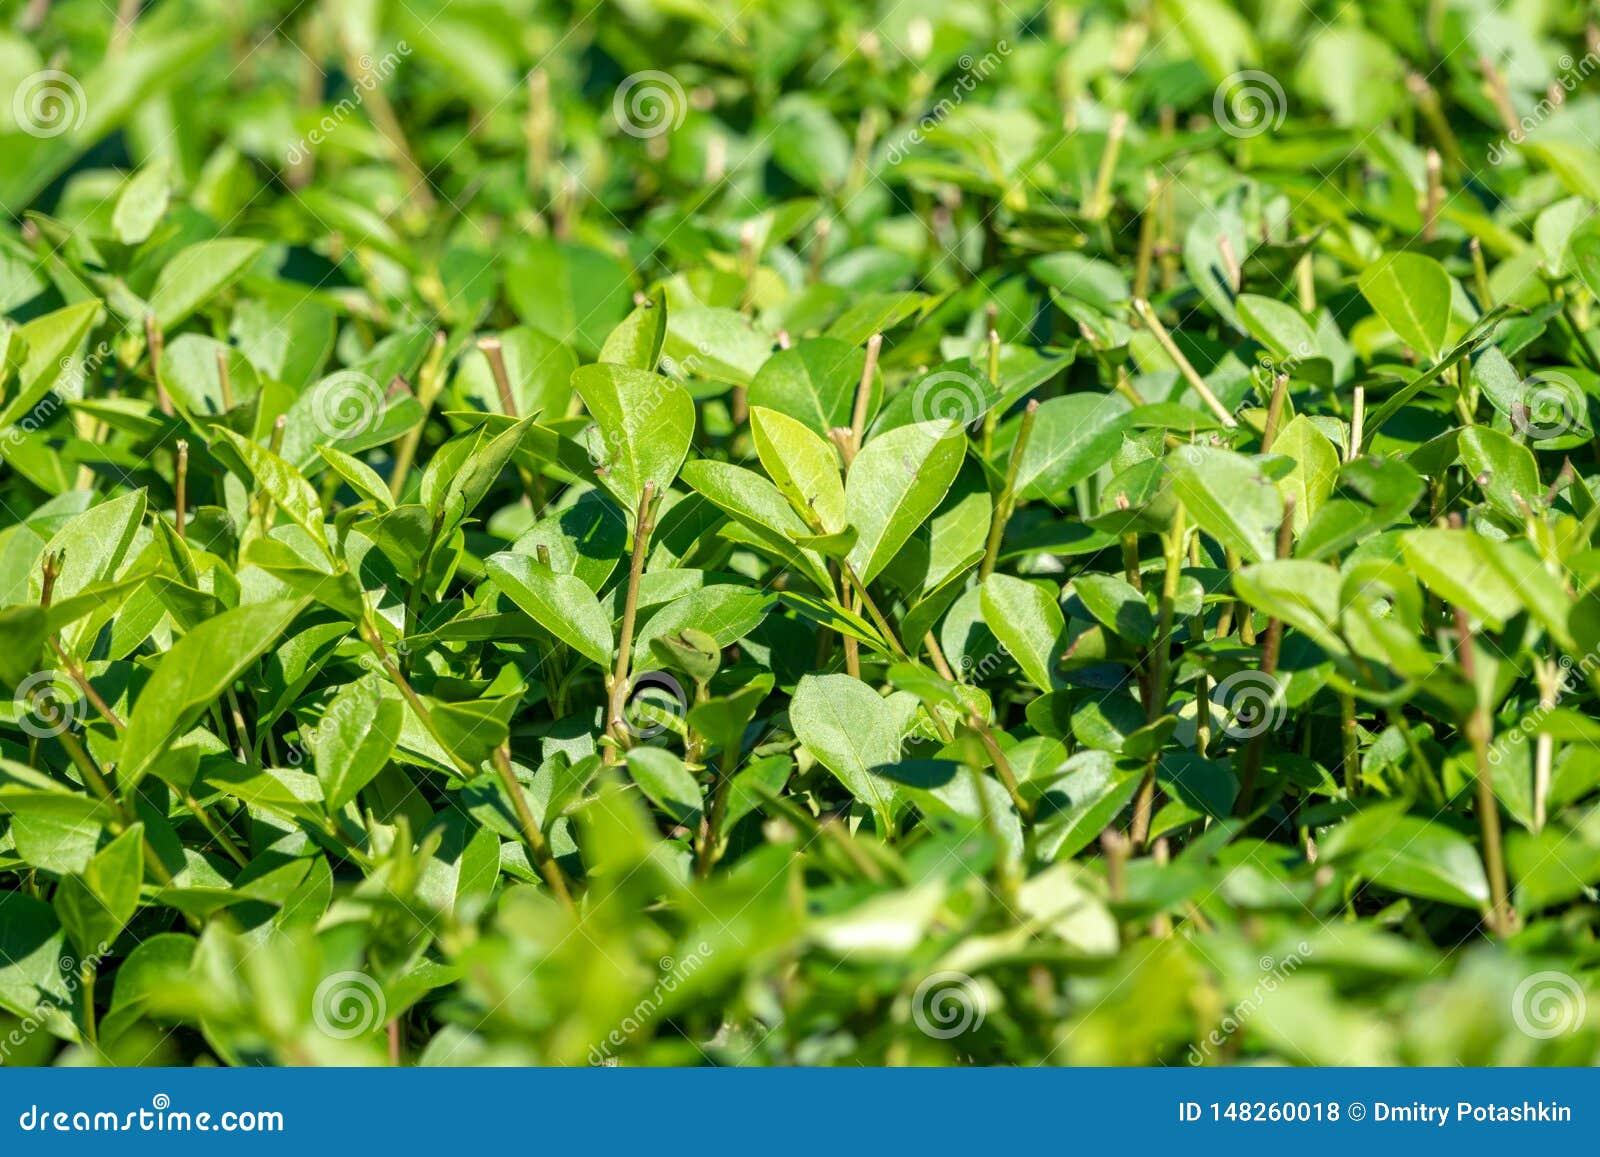 Groene struiken met in orde gemaakte takken en jonge bladeren